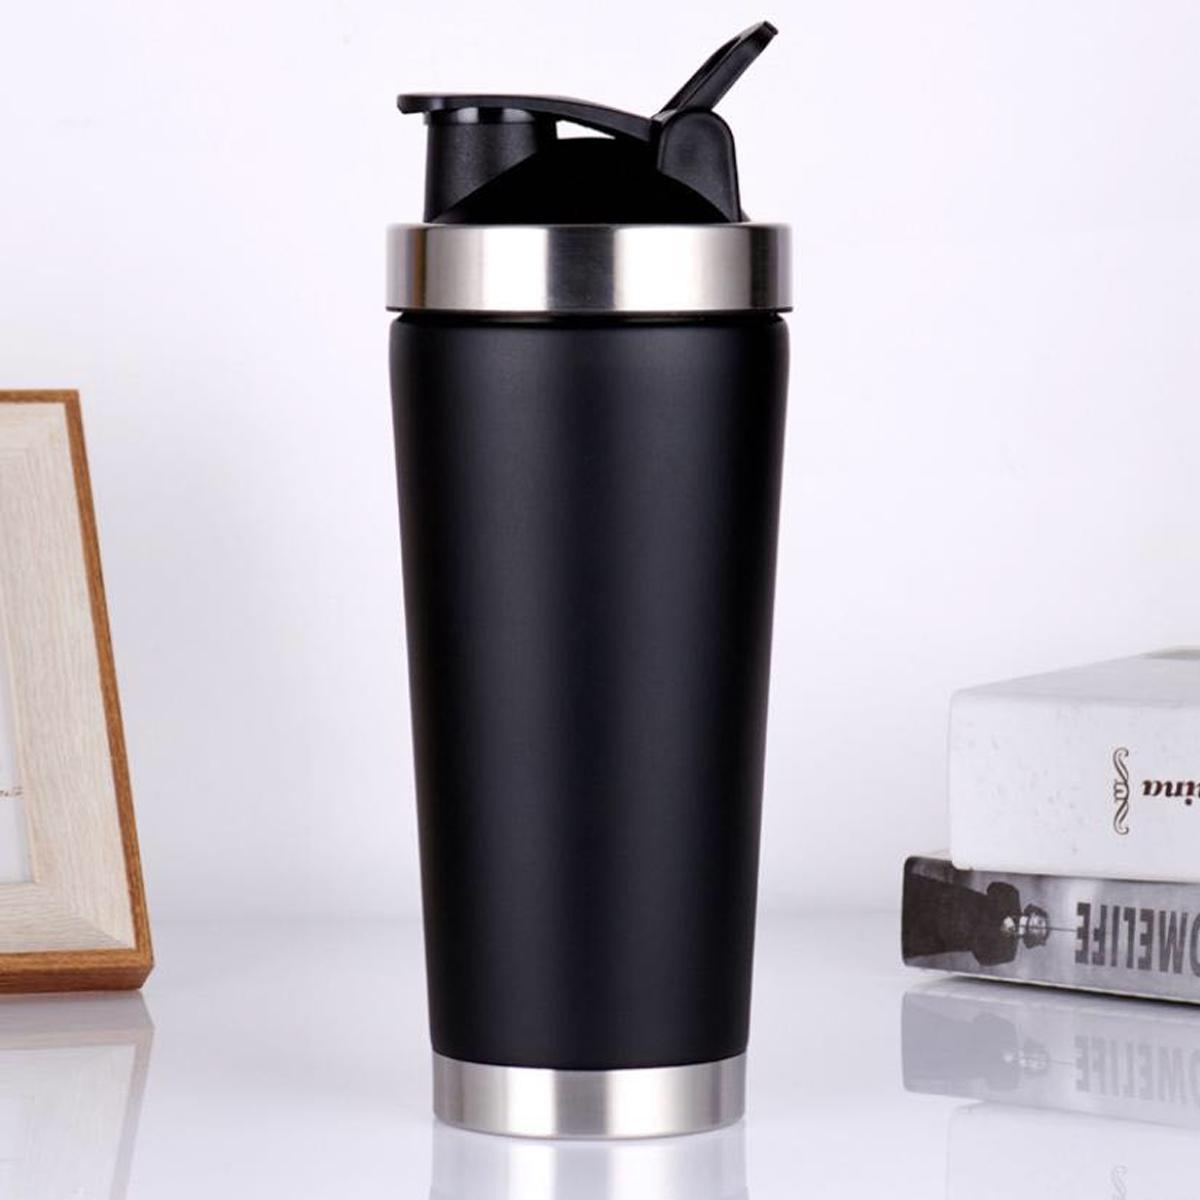 Bình Lắc Shaker Inox Màu Bạc Đen – Bình Lắc Tập Gym Chính Hãng Amalife – Kèm Bóng Lò Xo Lắc